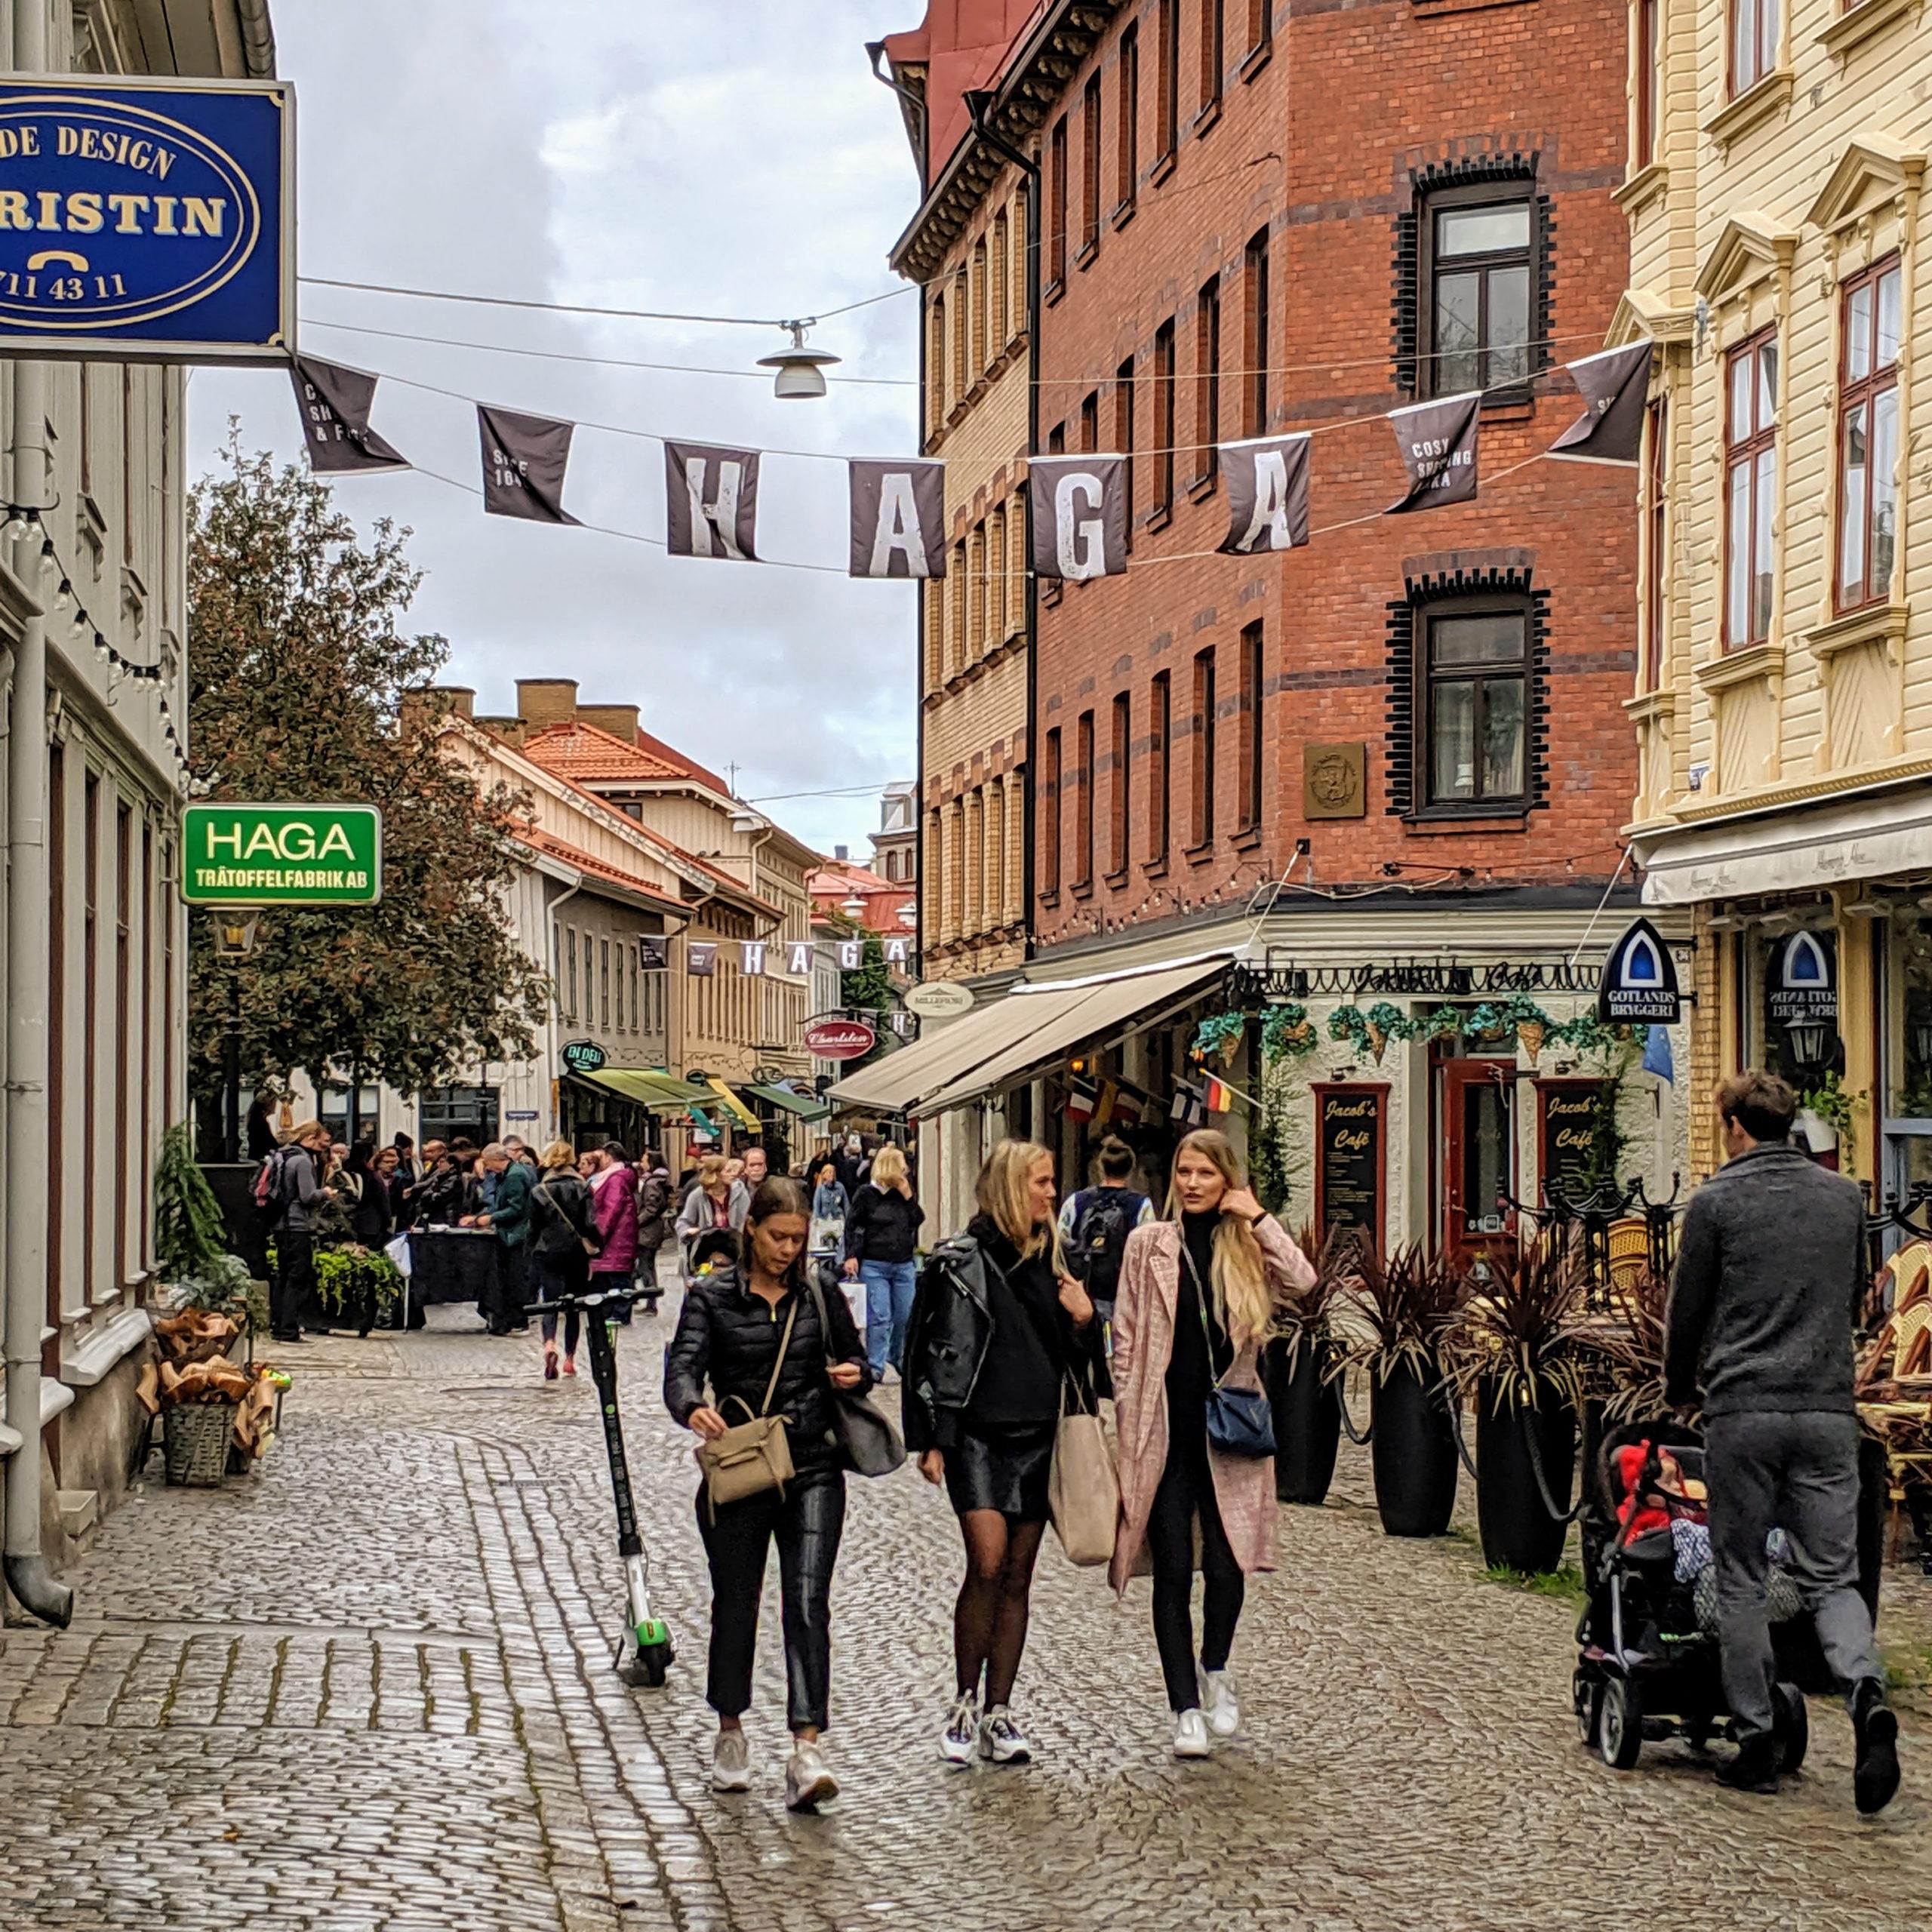 Schweden Reise - Was lohnt es sich in Schweden zu sehen?